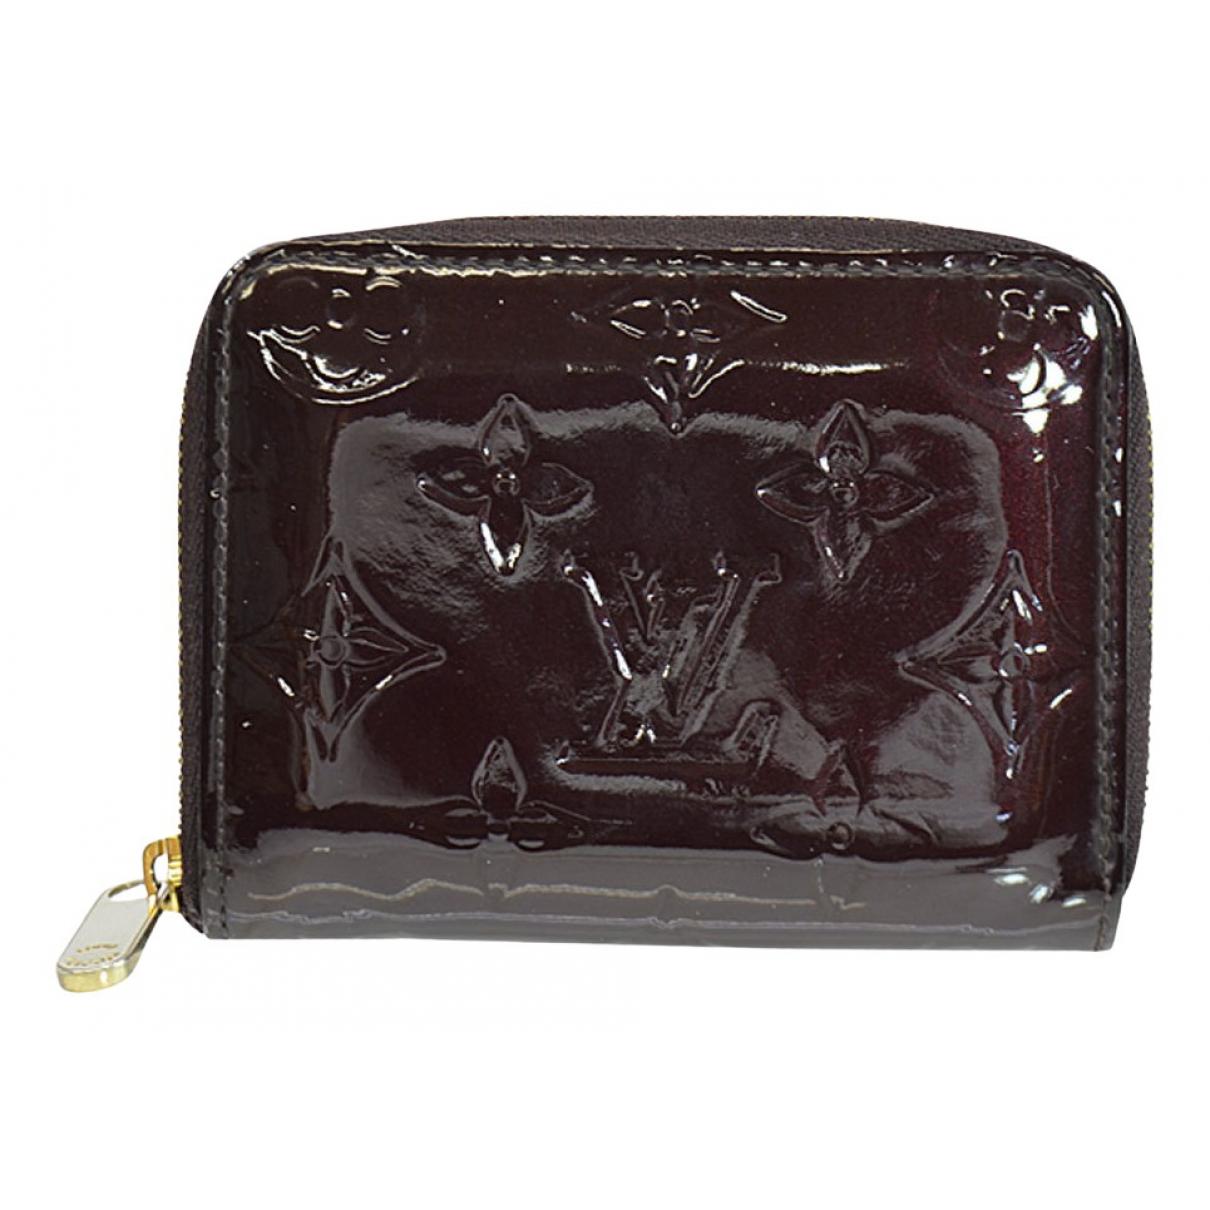 Louis Vuitton - Petite maroquinerie Zippy pour femme en cuir verni - marron